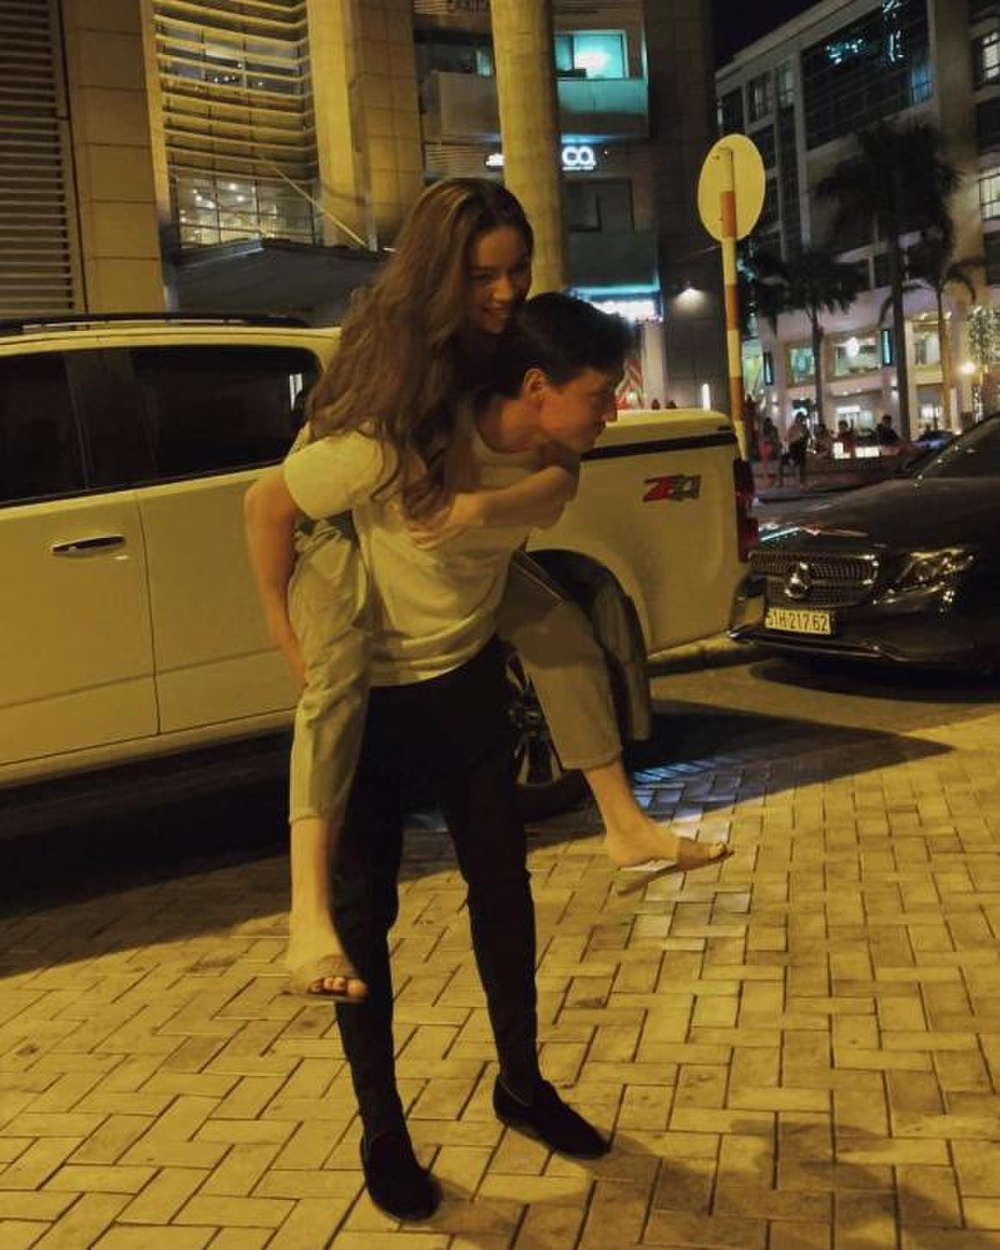 Lịm tim trước loạt khoảnh khắc đầy tình cảm của Hà Hồ và Kim Lý khi 'trốn' cặp song sinh đi chơi riêng Ảnh 2